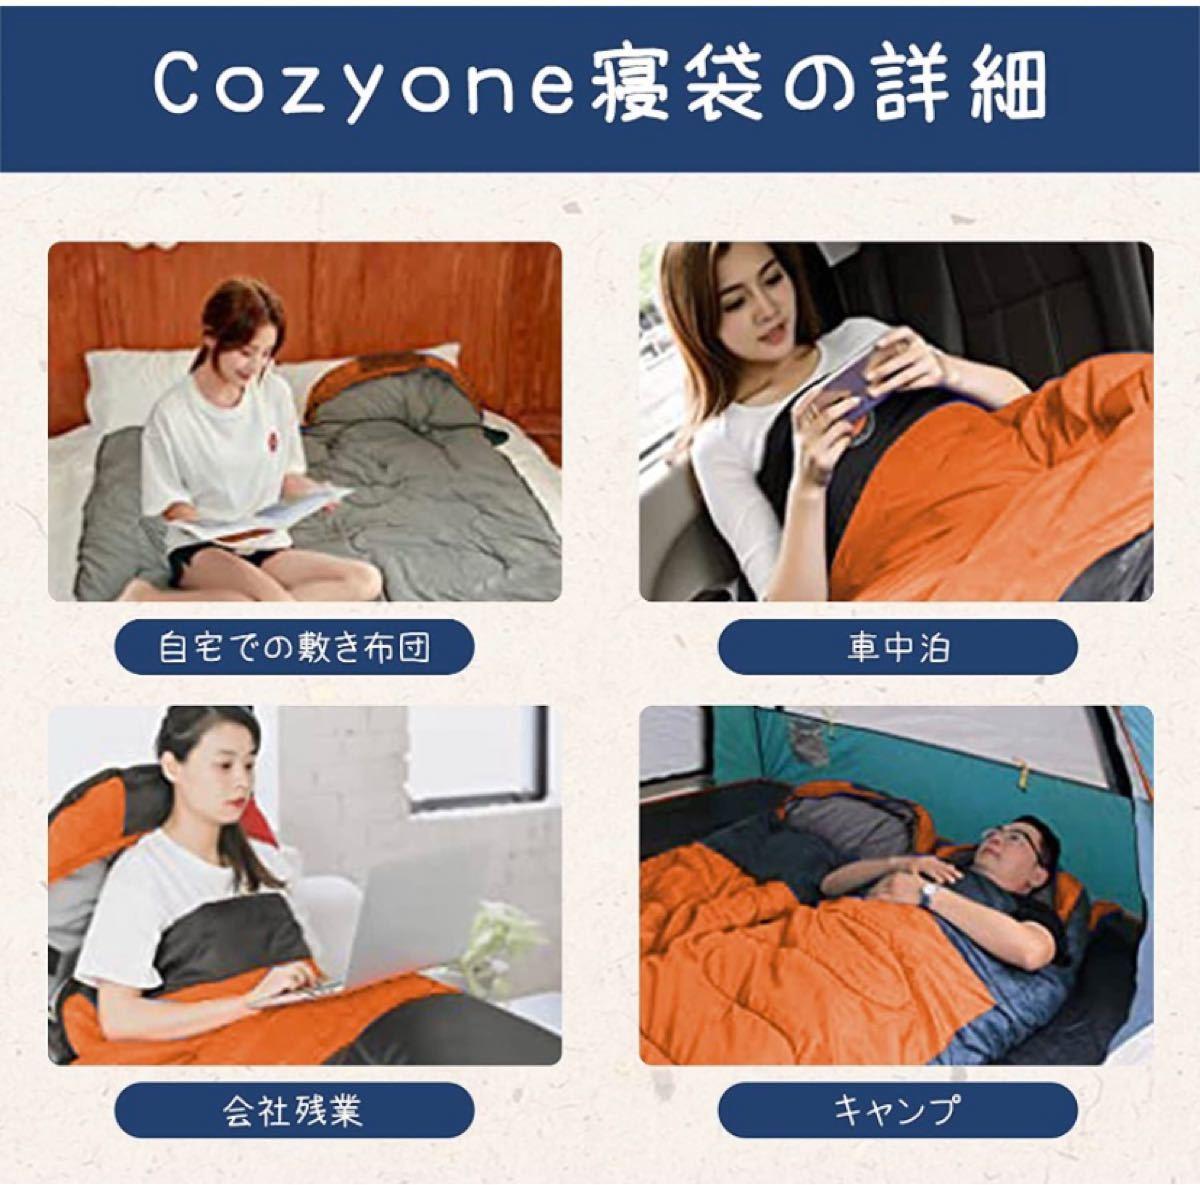 寝袋 シュラフ 封筒型 軽量 超暖かい 210T防水 コンパクト 簡単収納 車中泊 防災用